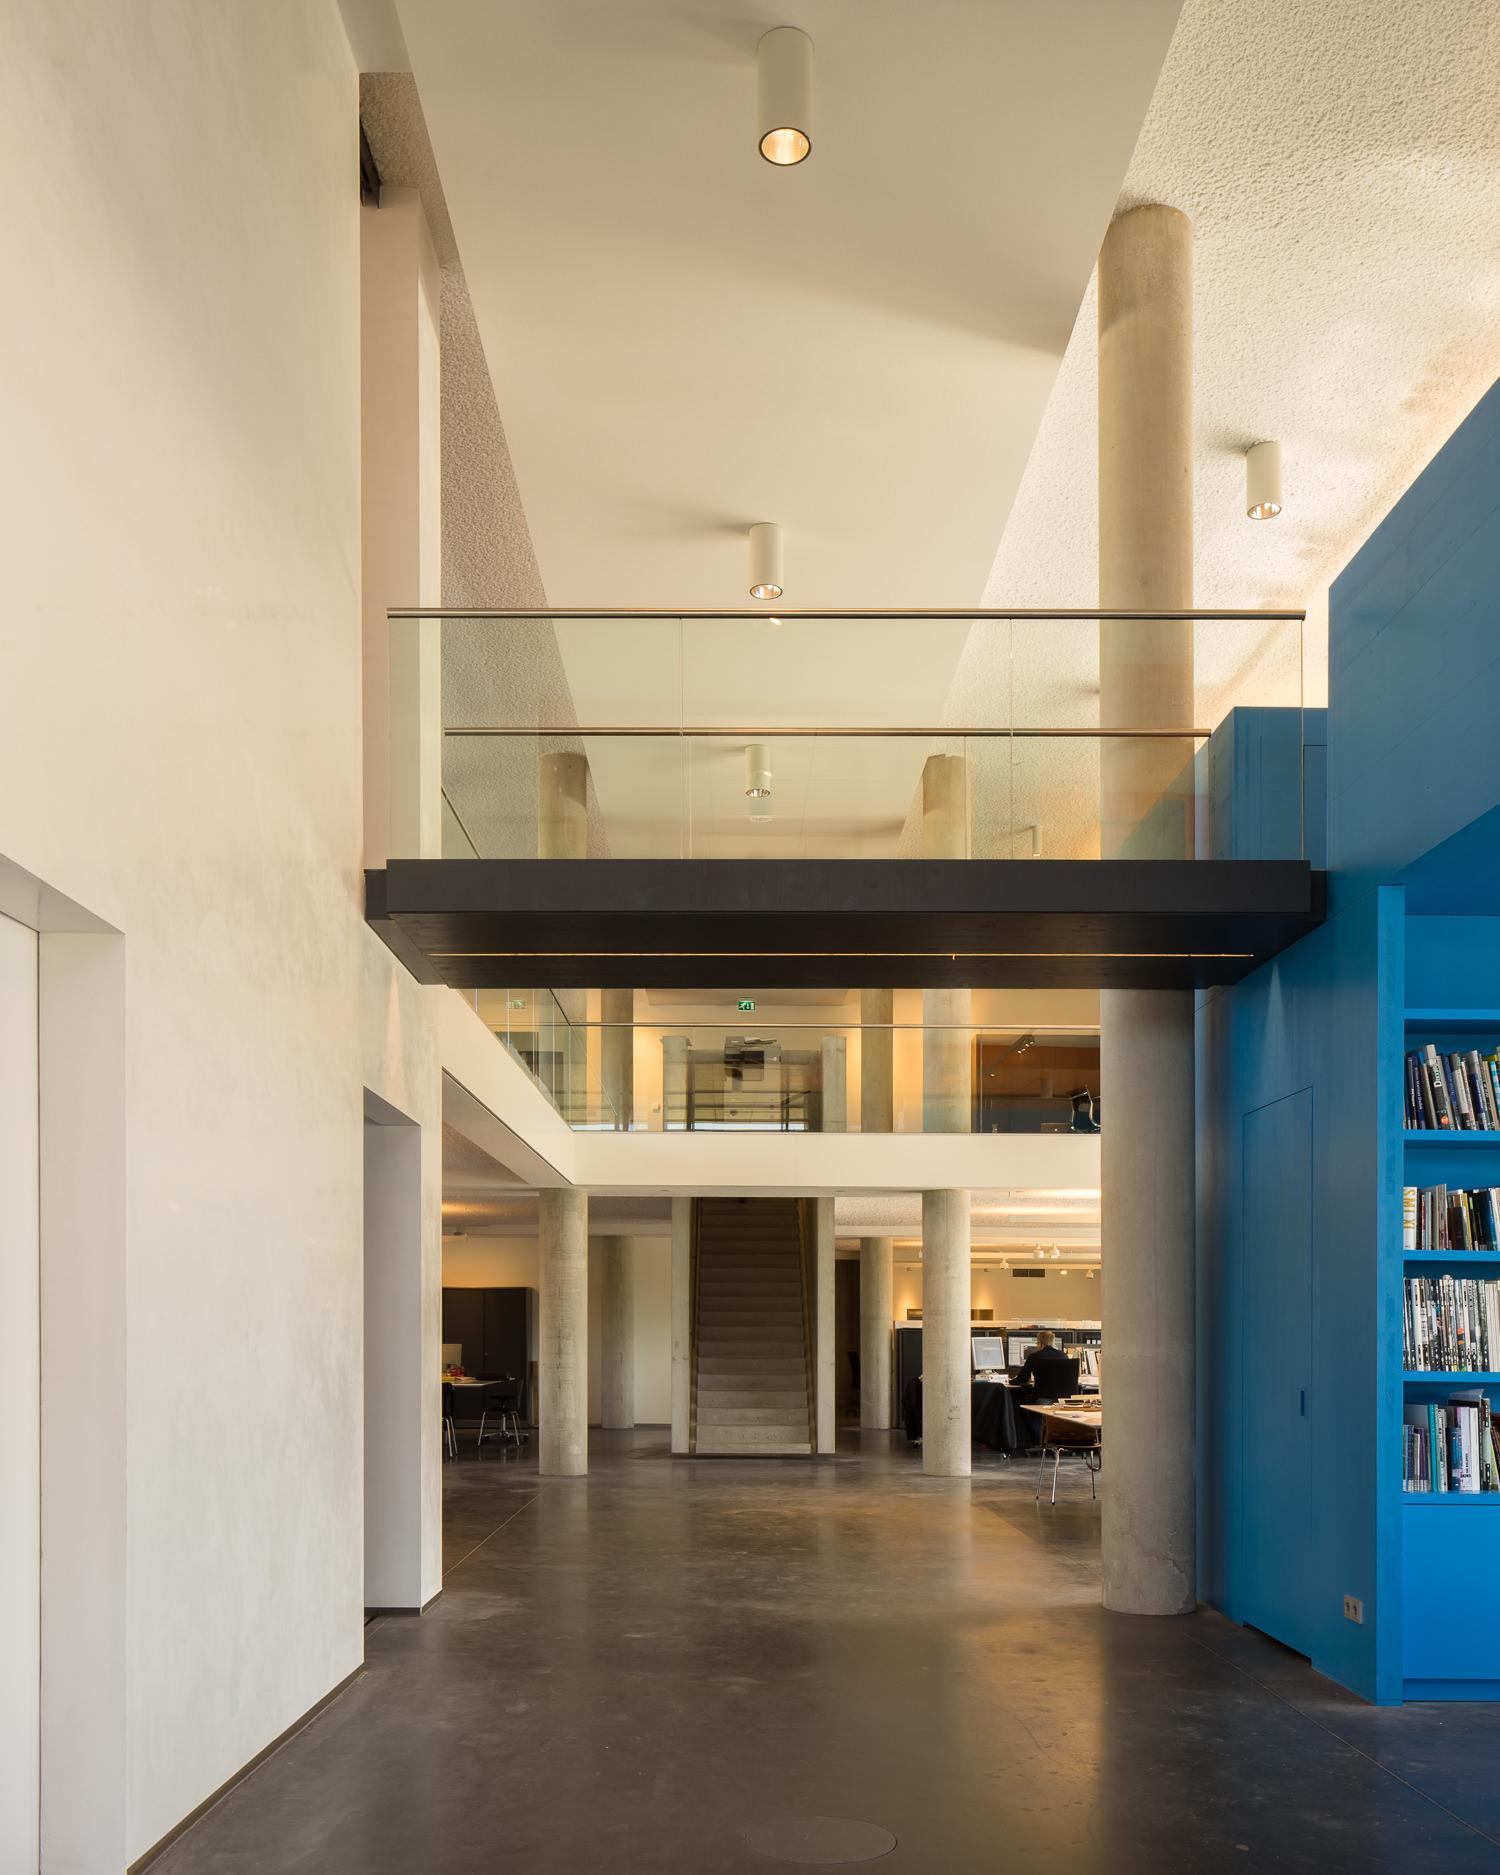 foyer of hete kolen by team 4 architecten